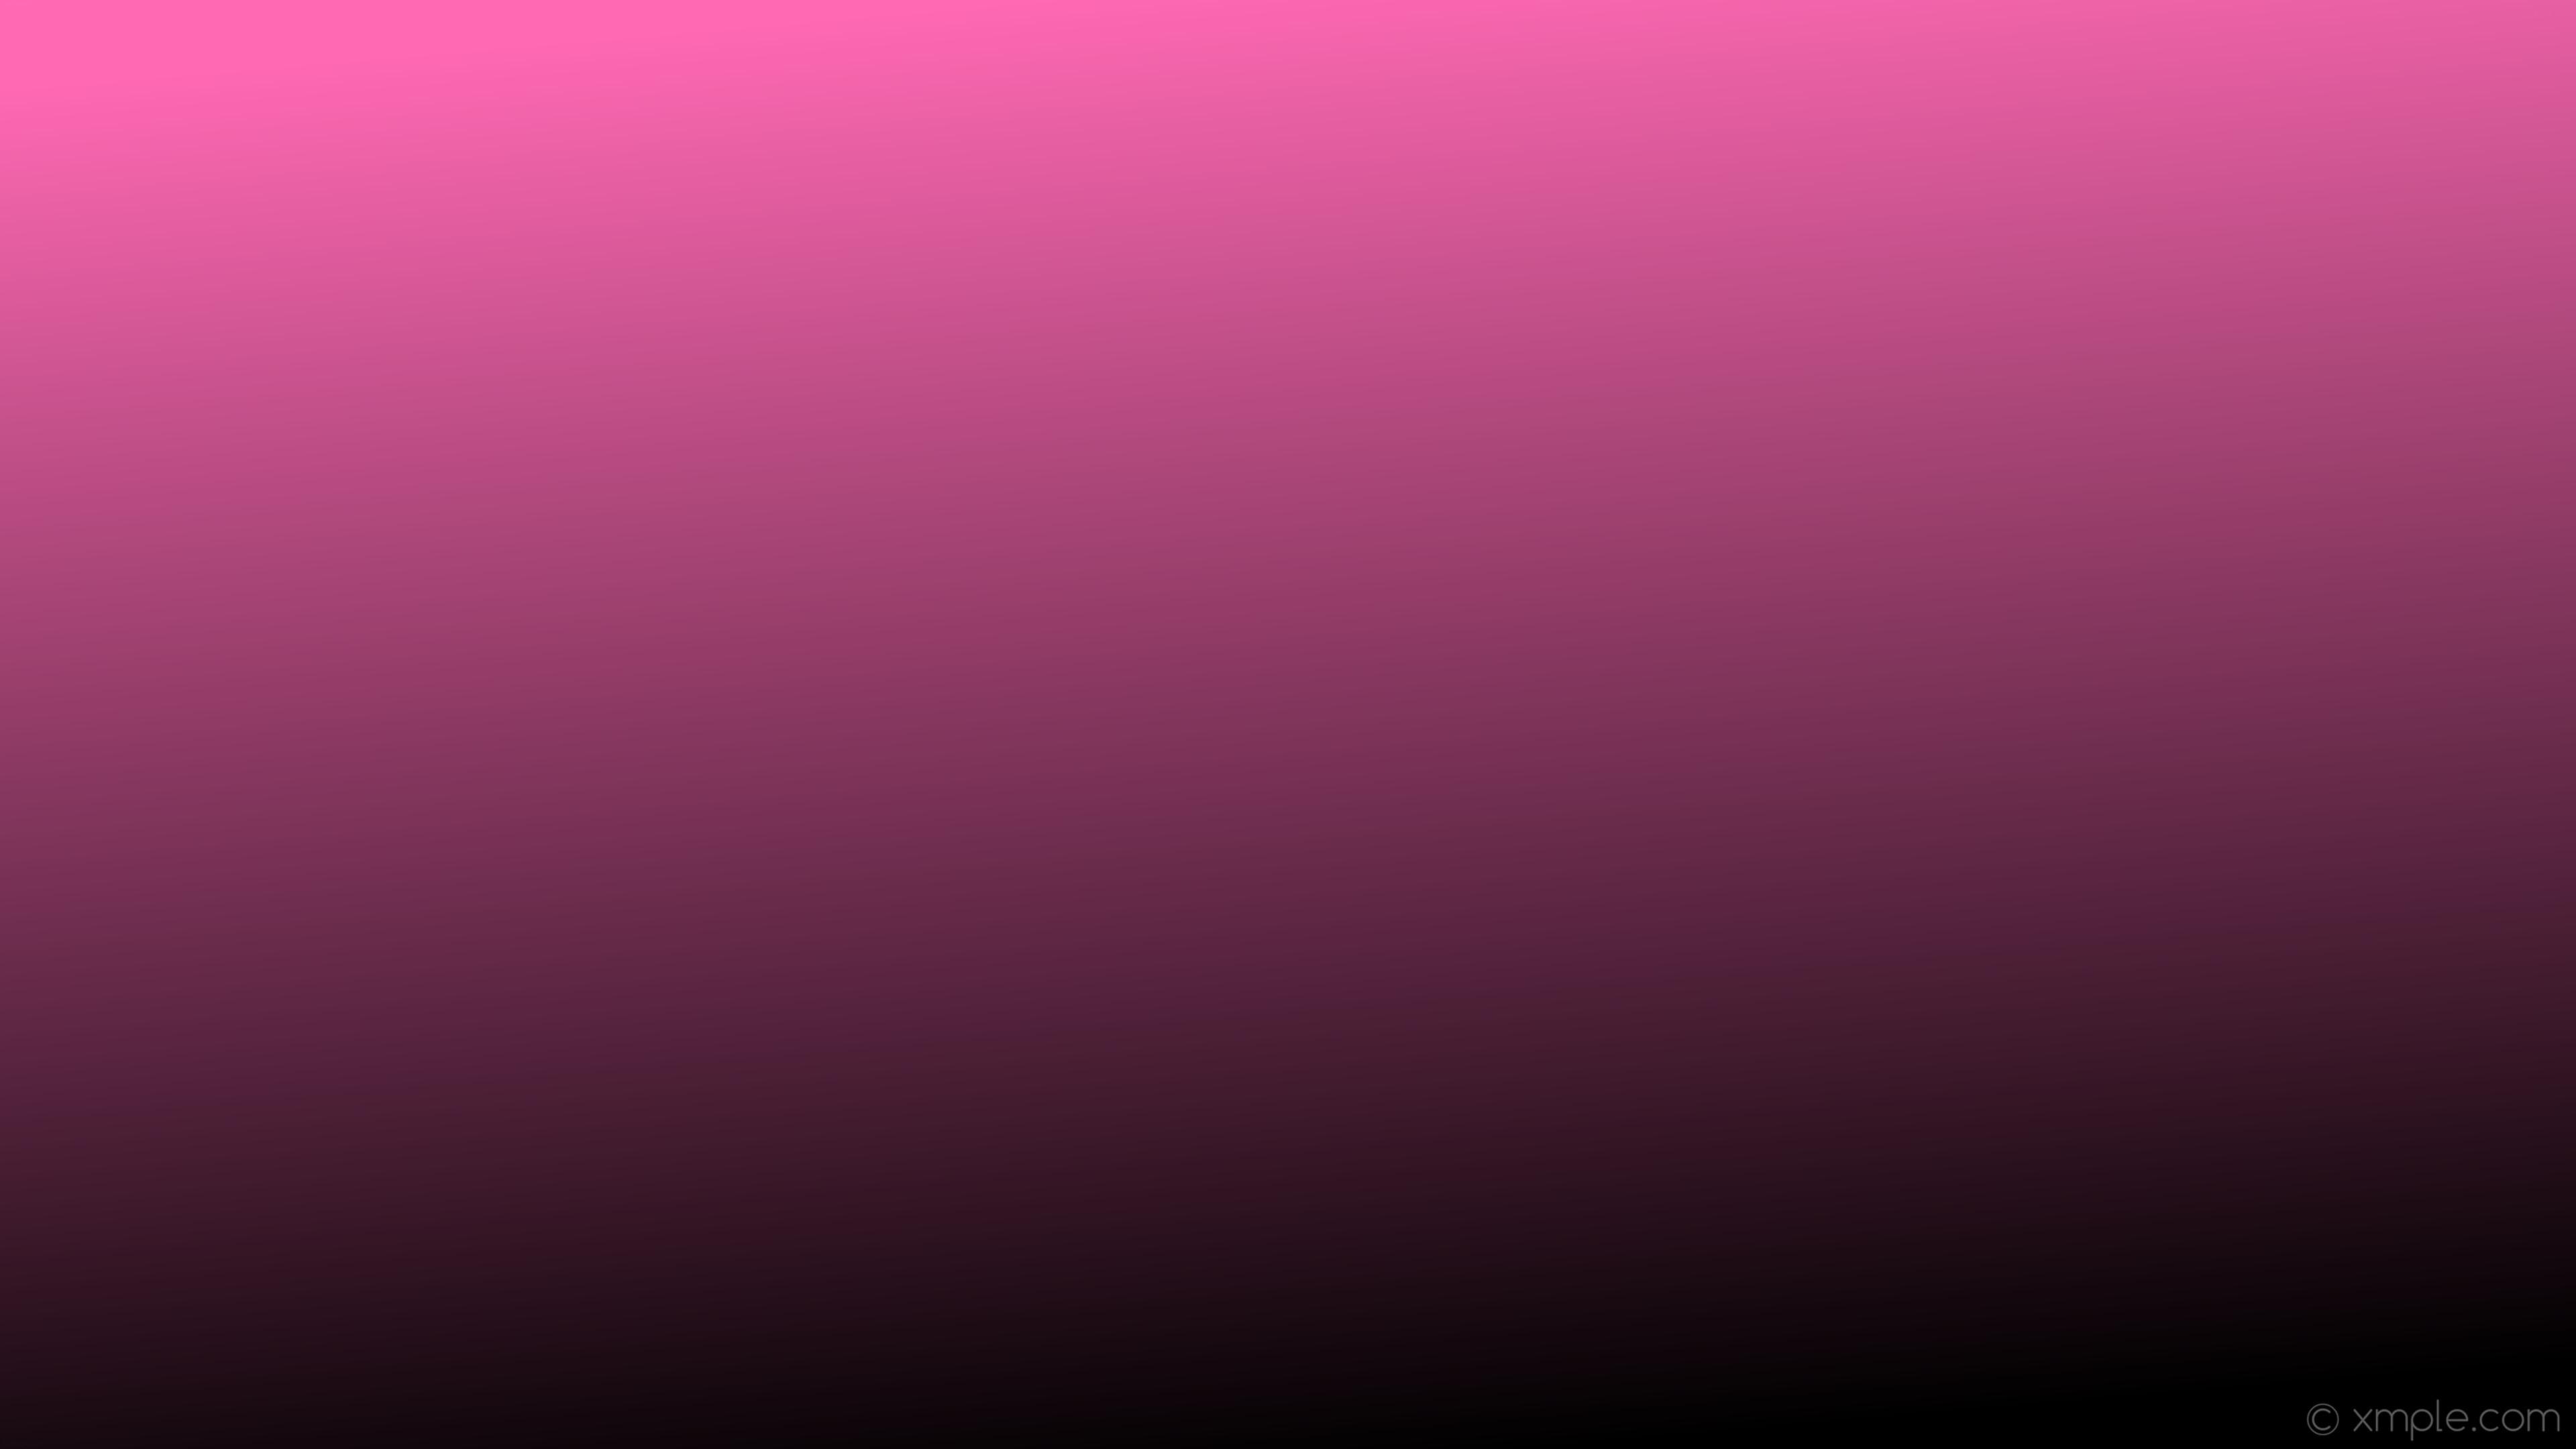 Download Wallpaper Aesthetic Dark Pink Cikimm Com